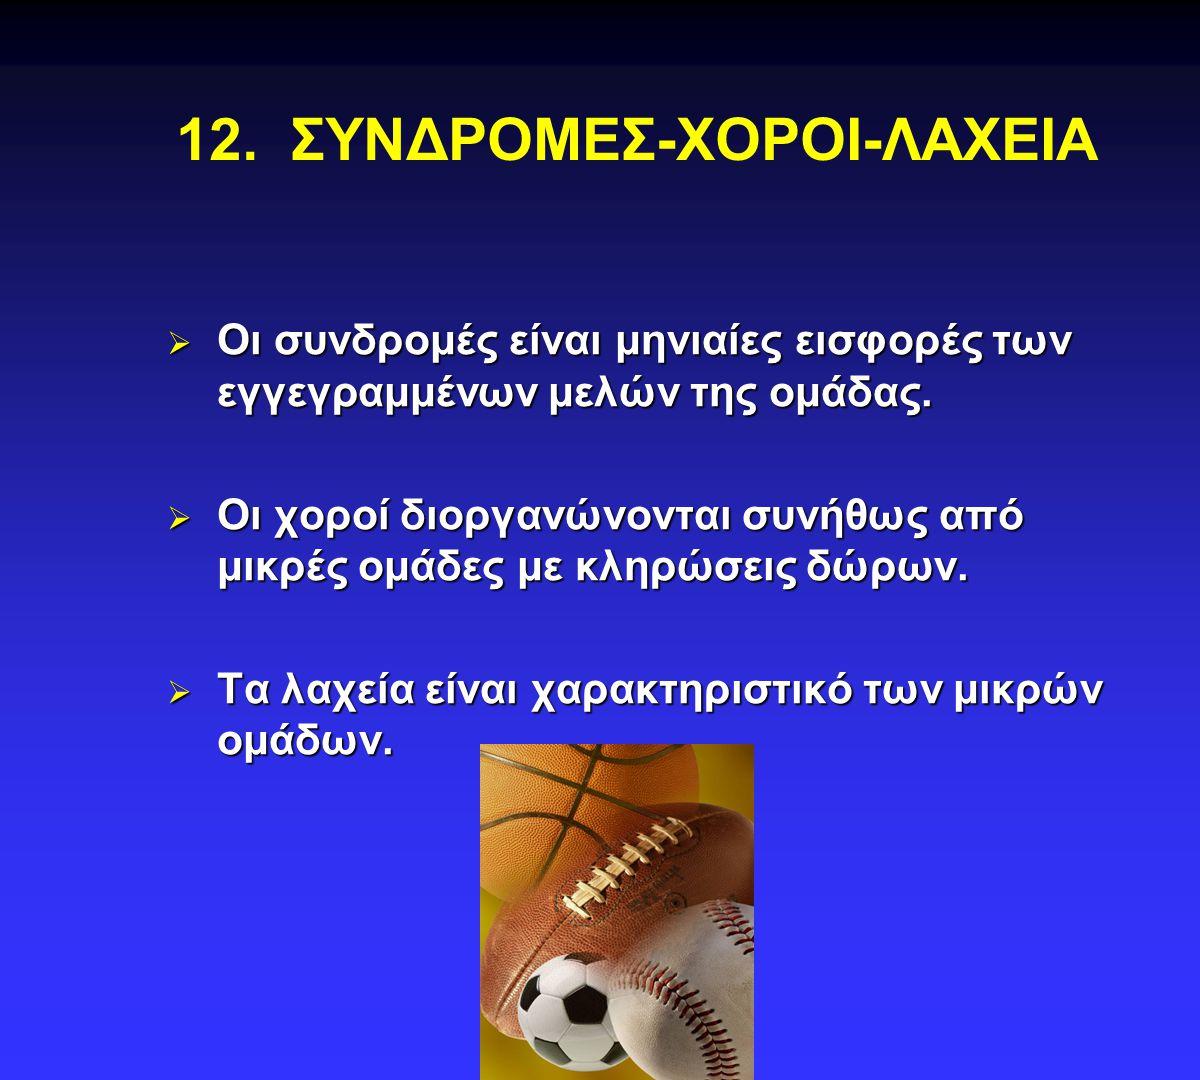 12. ΣΥΝΔΡΟΜΕΣ-ΧΟΡΟΙ-ΛΑΧΕΙΑ